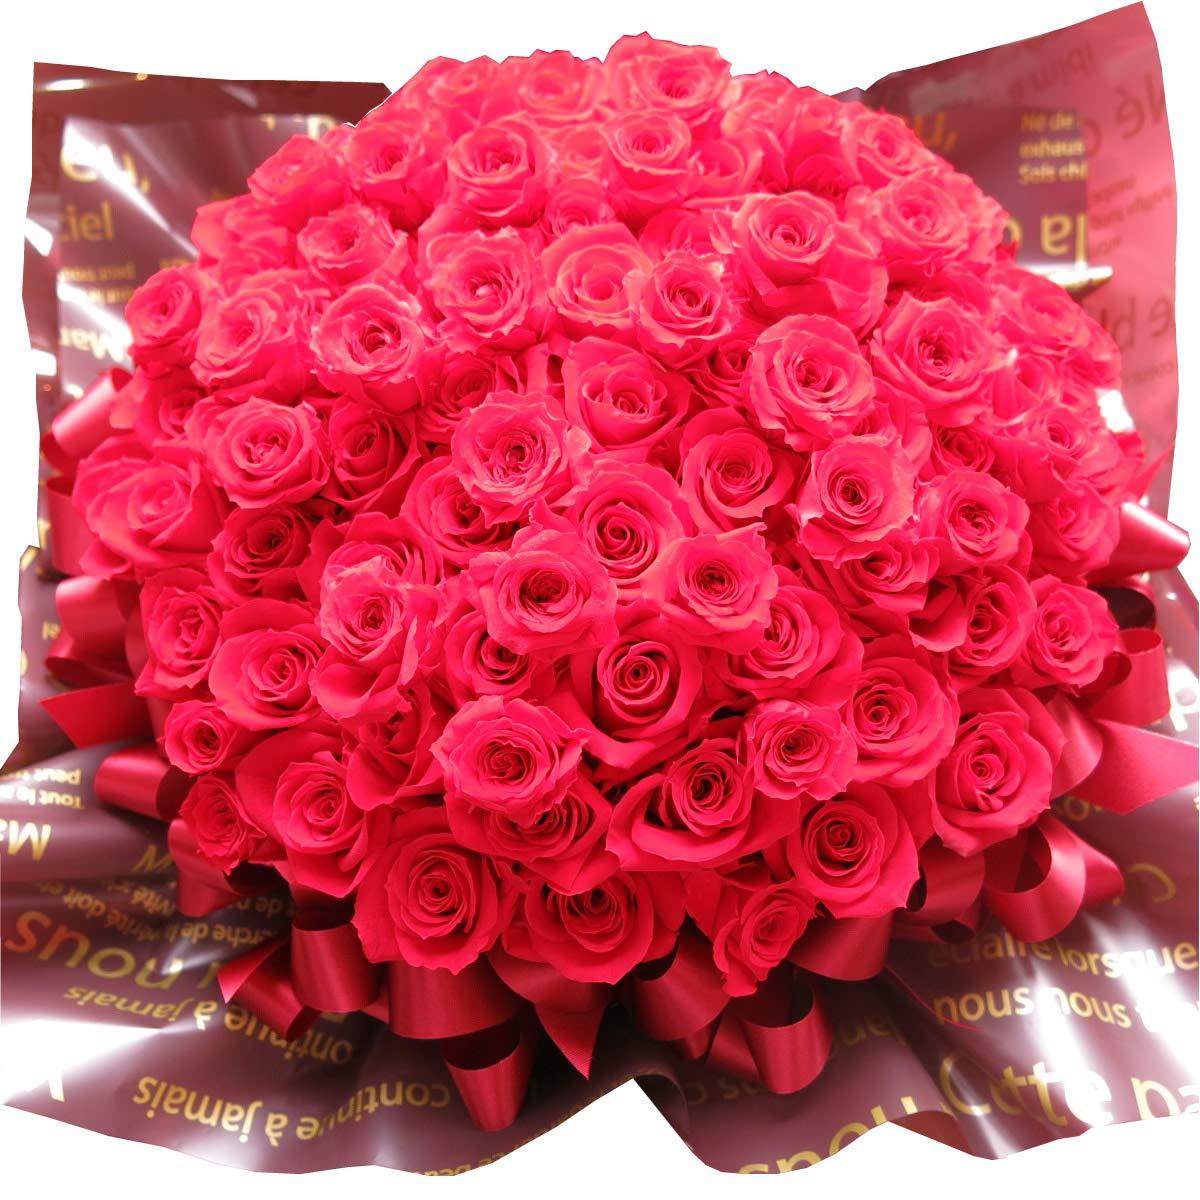 プロポーズ 花束風 赤バラ 108本 プレゼント プリザーブドフラワー 108輪使用 ケース付き B07HMTNBSY